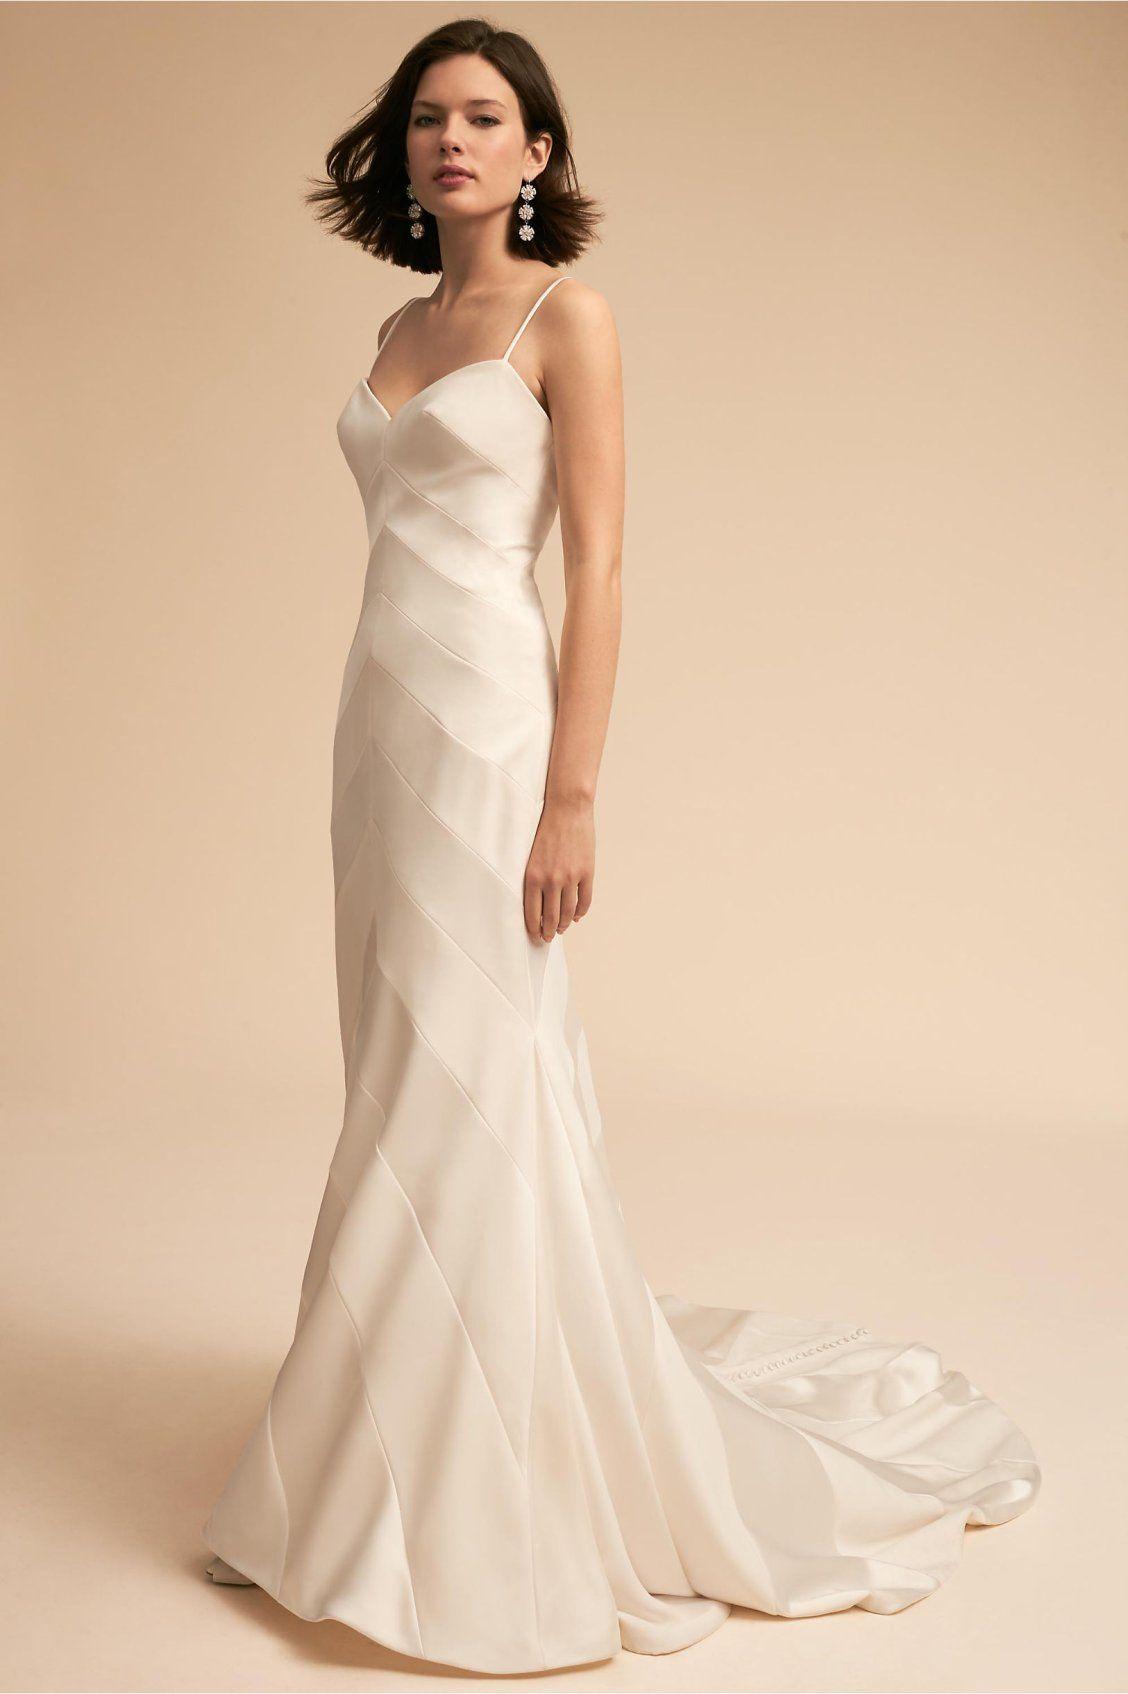 ab138e44ef Emblem Gown in 2019   The Modern Bride   Wedding dresses, Wedding ...